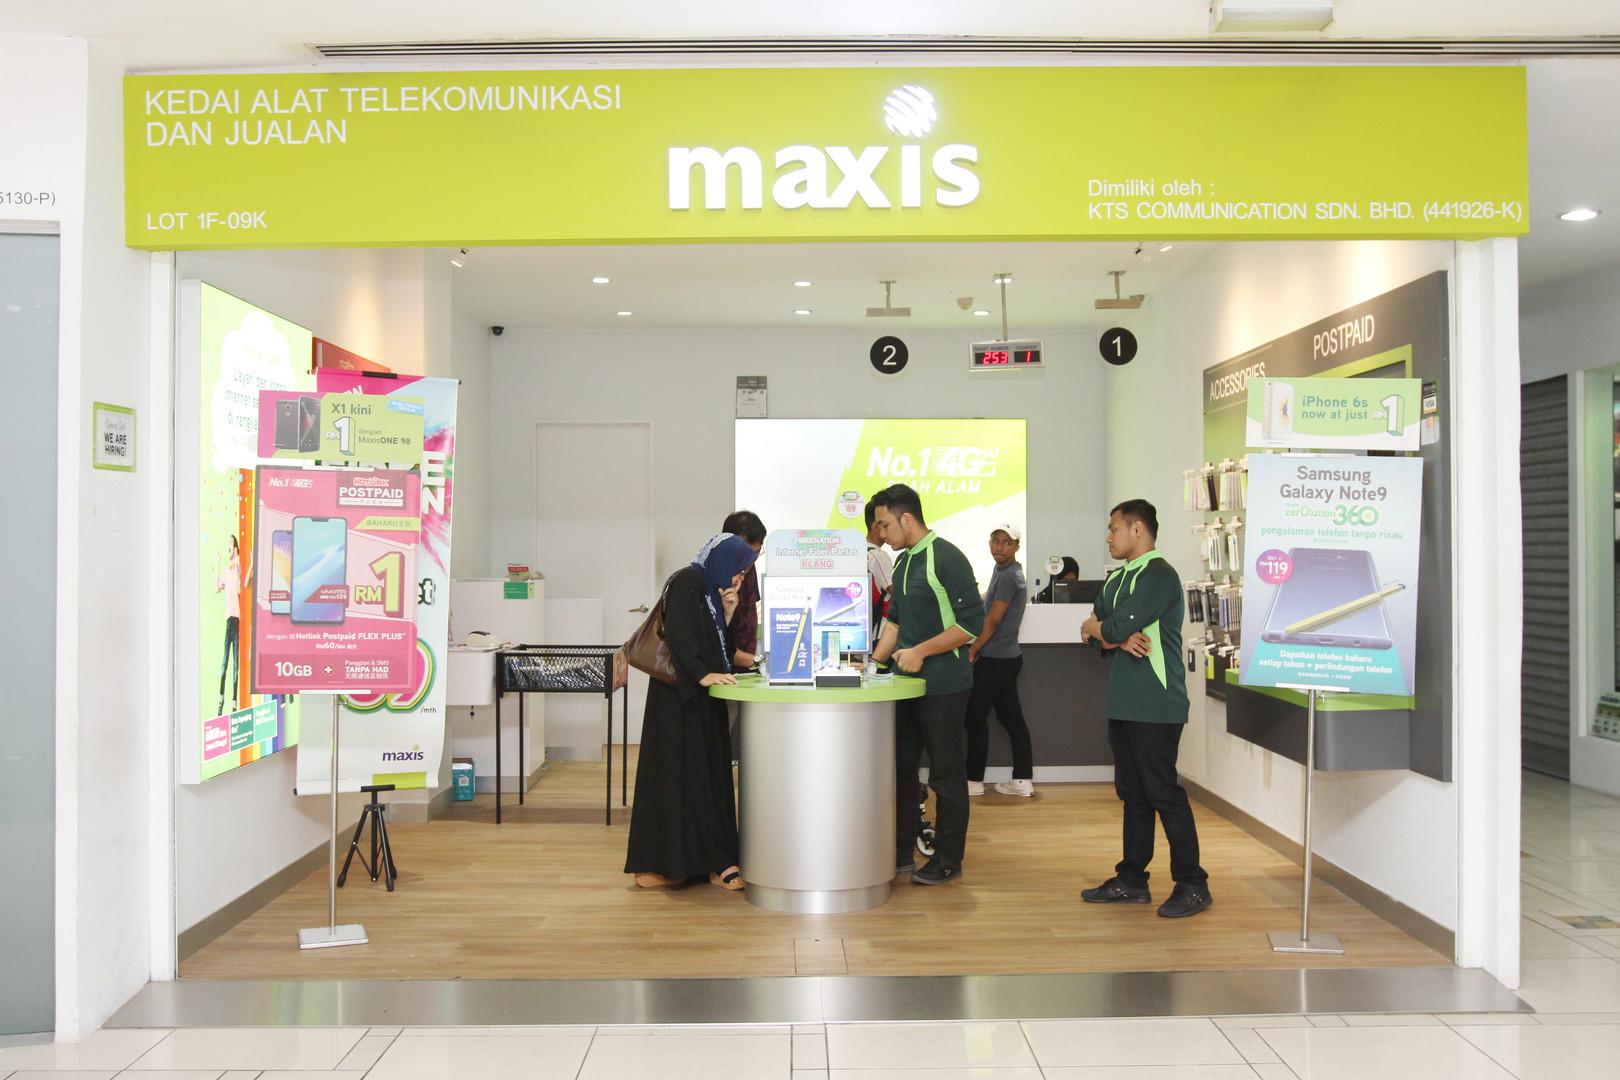 Maxis SACC MALL SHAH ALAM.JPG